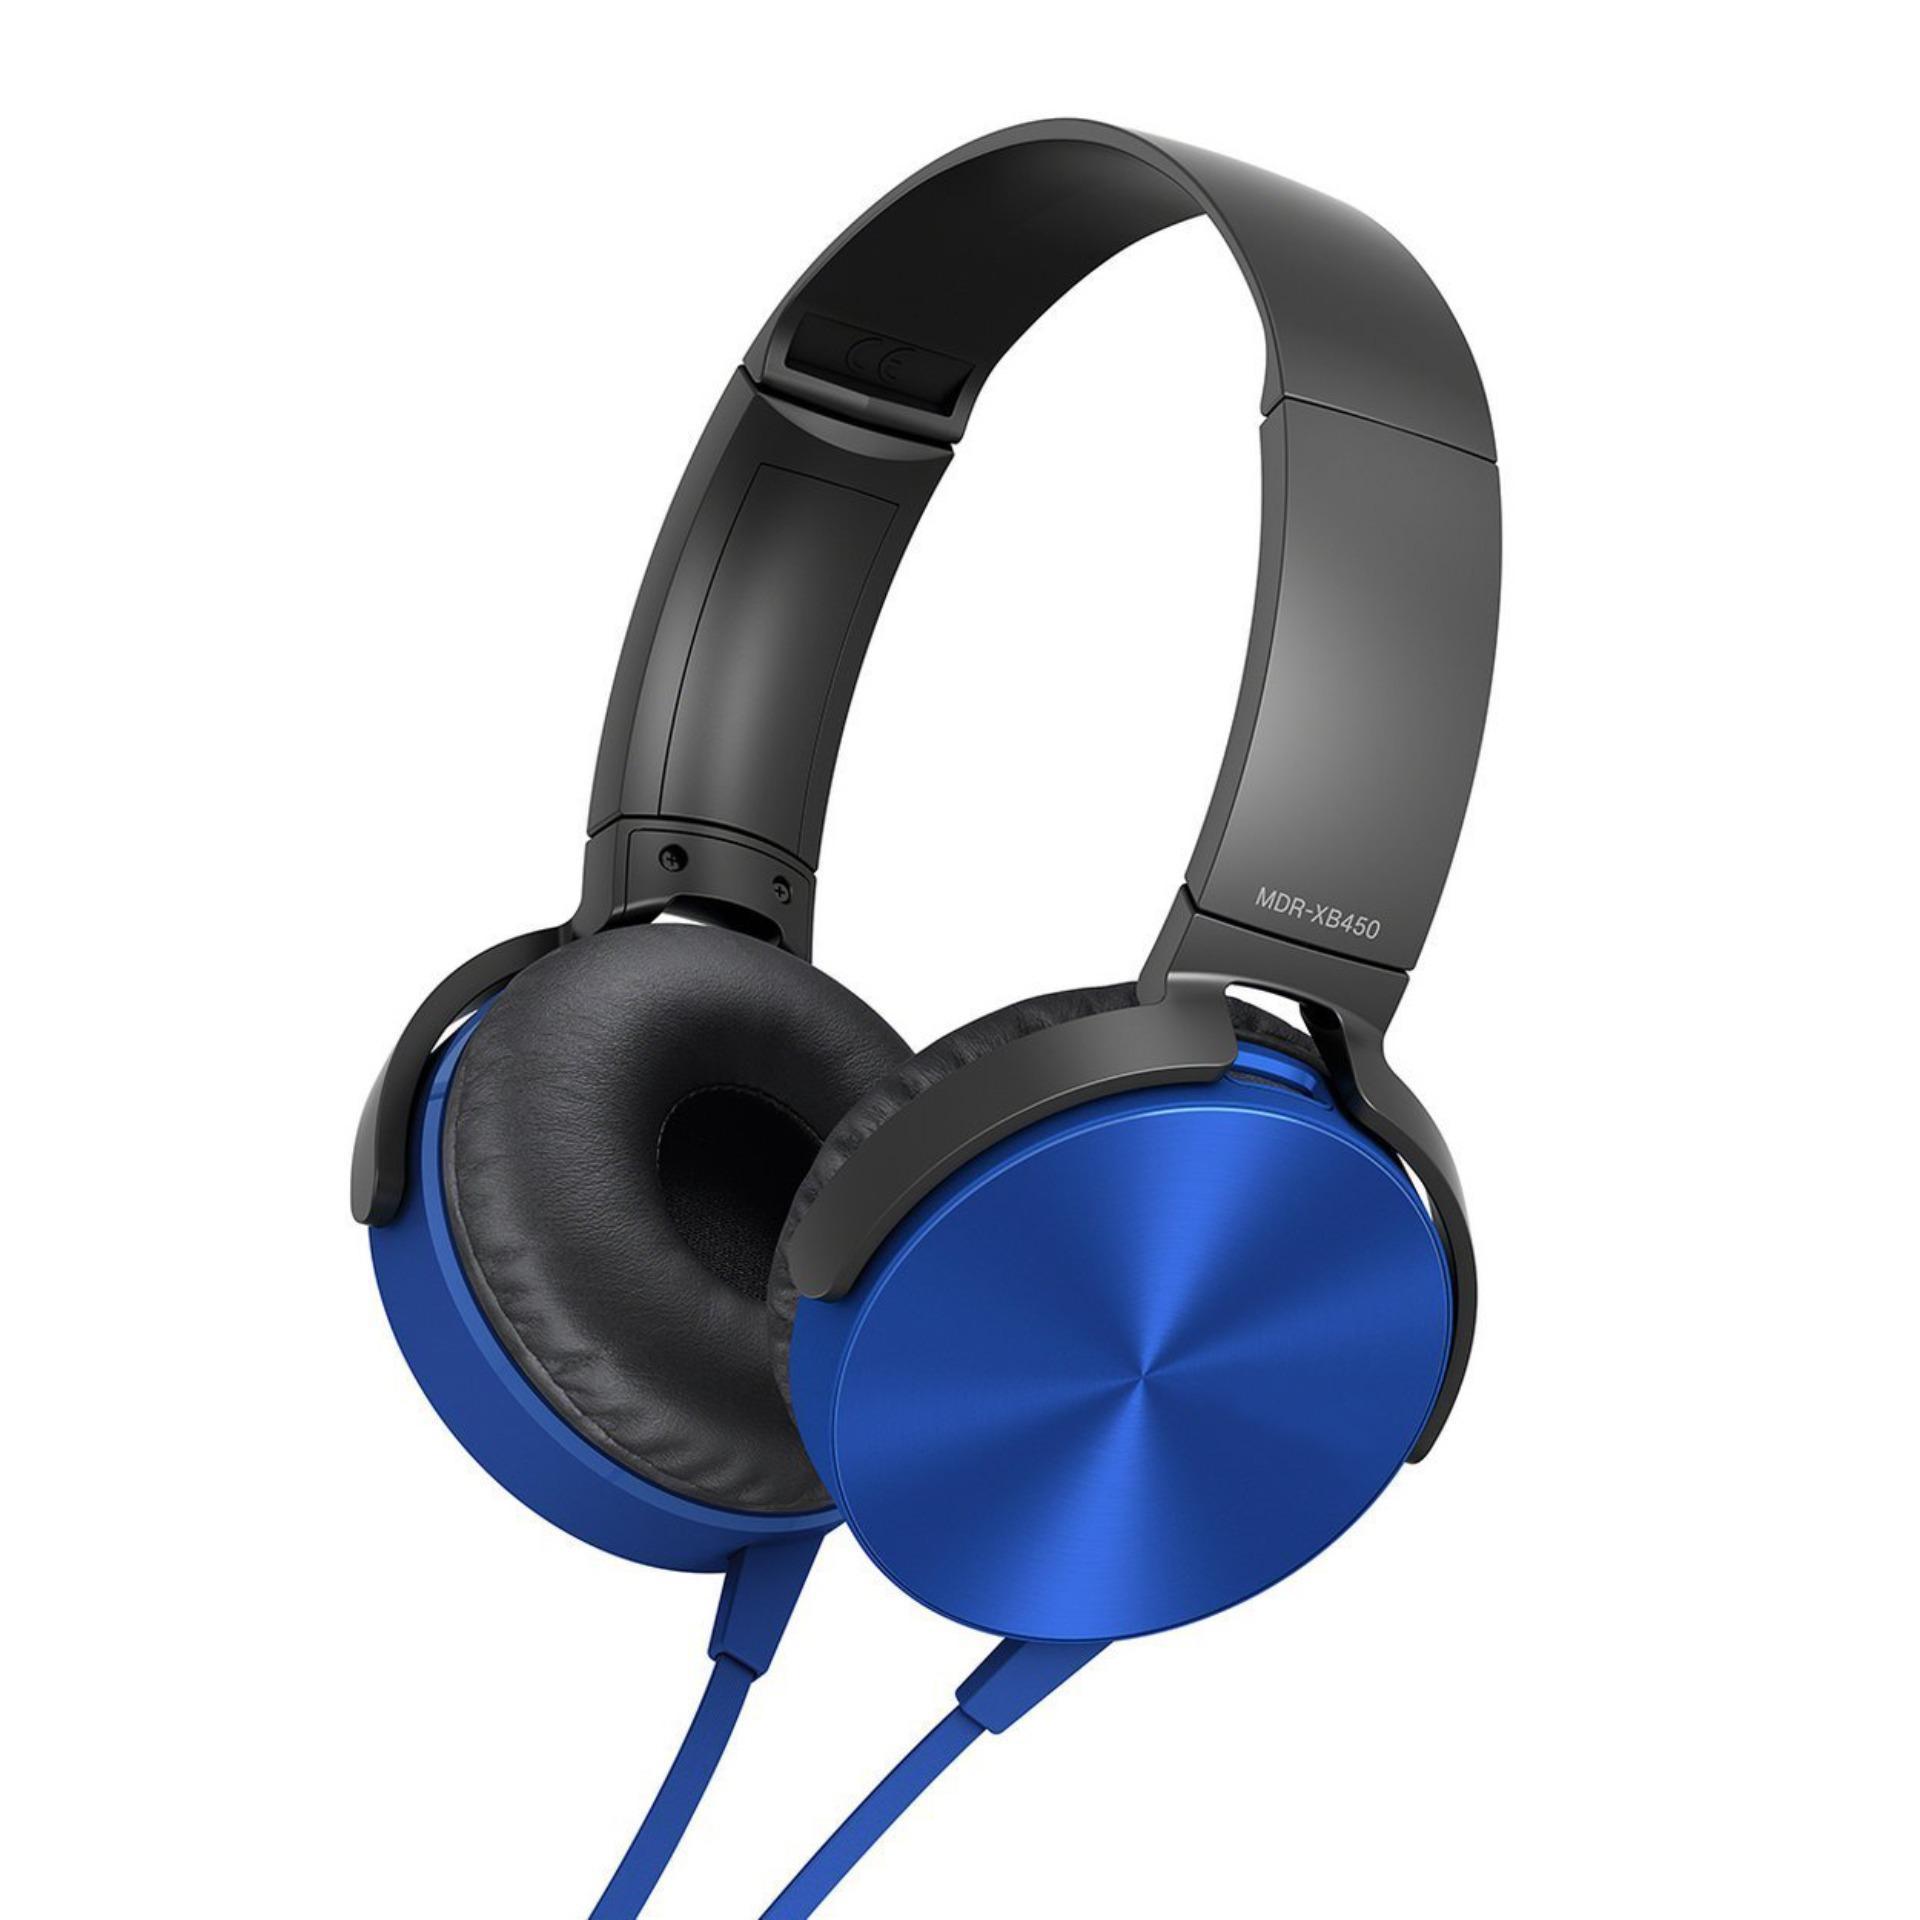 Promo Headphone Anugerah Headset Mdr Xb450Ap Anugerah